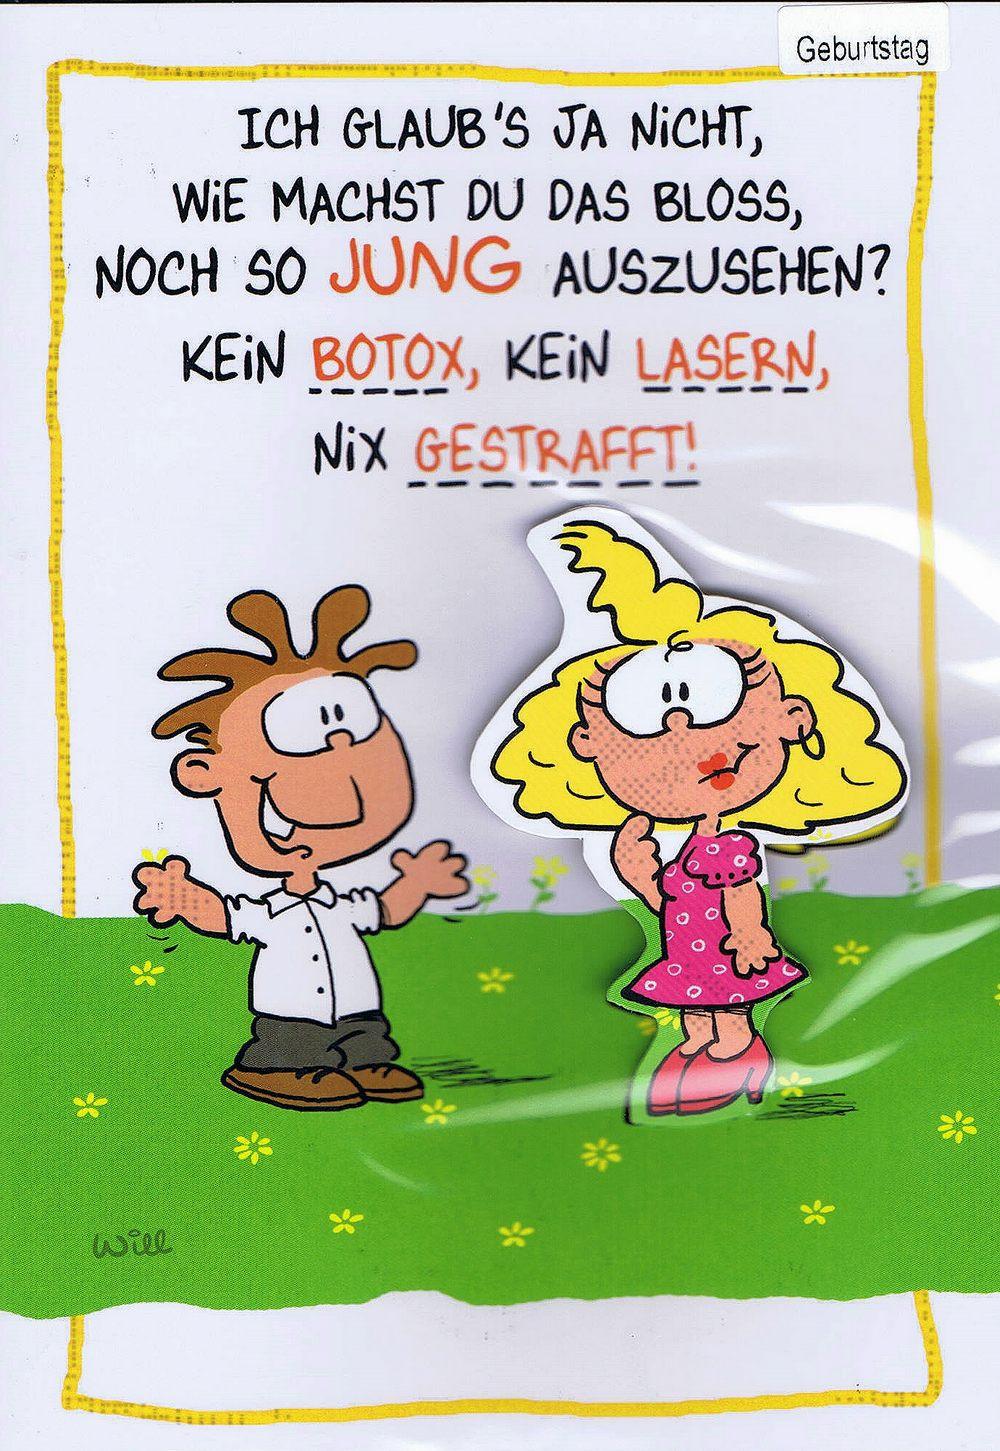 Humorkarte zur Geburtstag mit frechem Spruch - Naturschutz